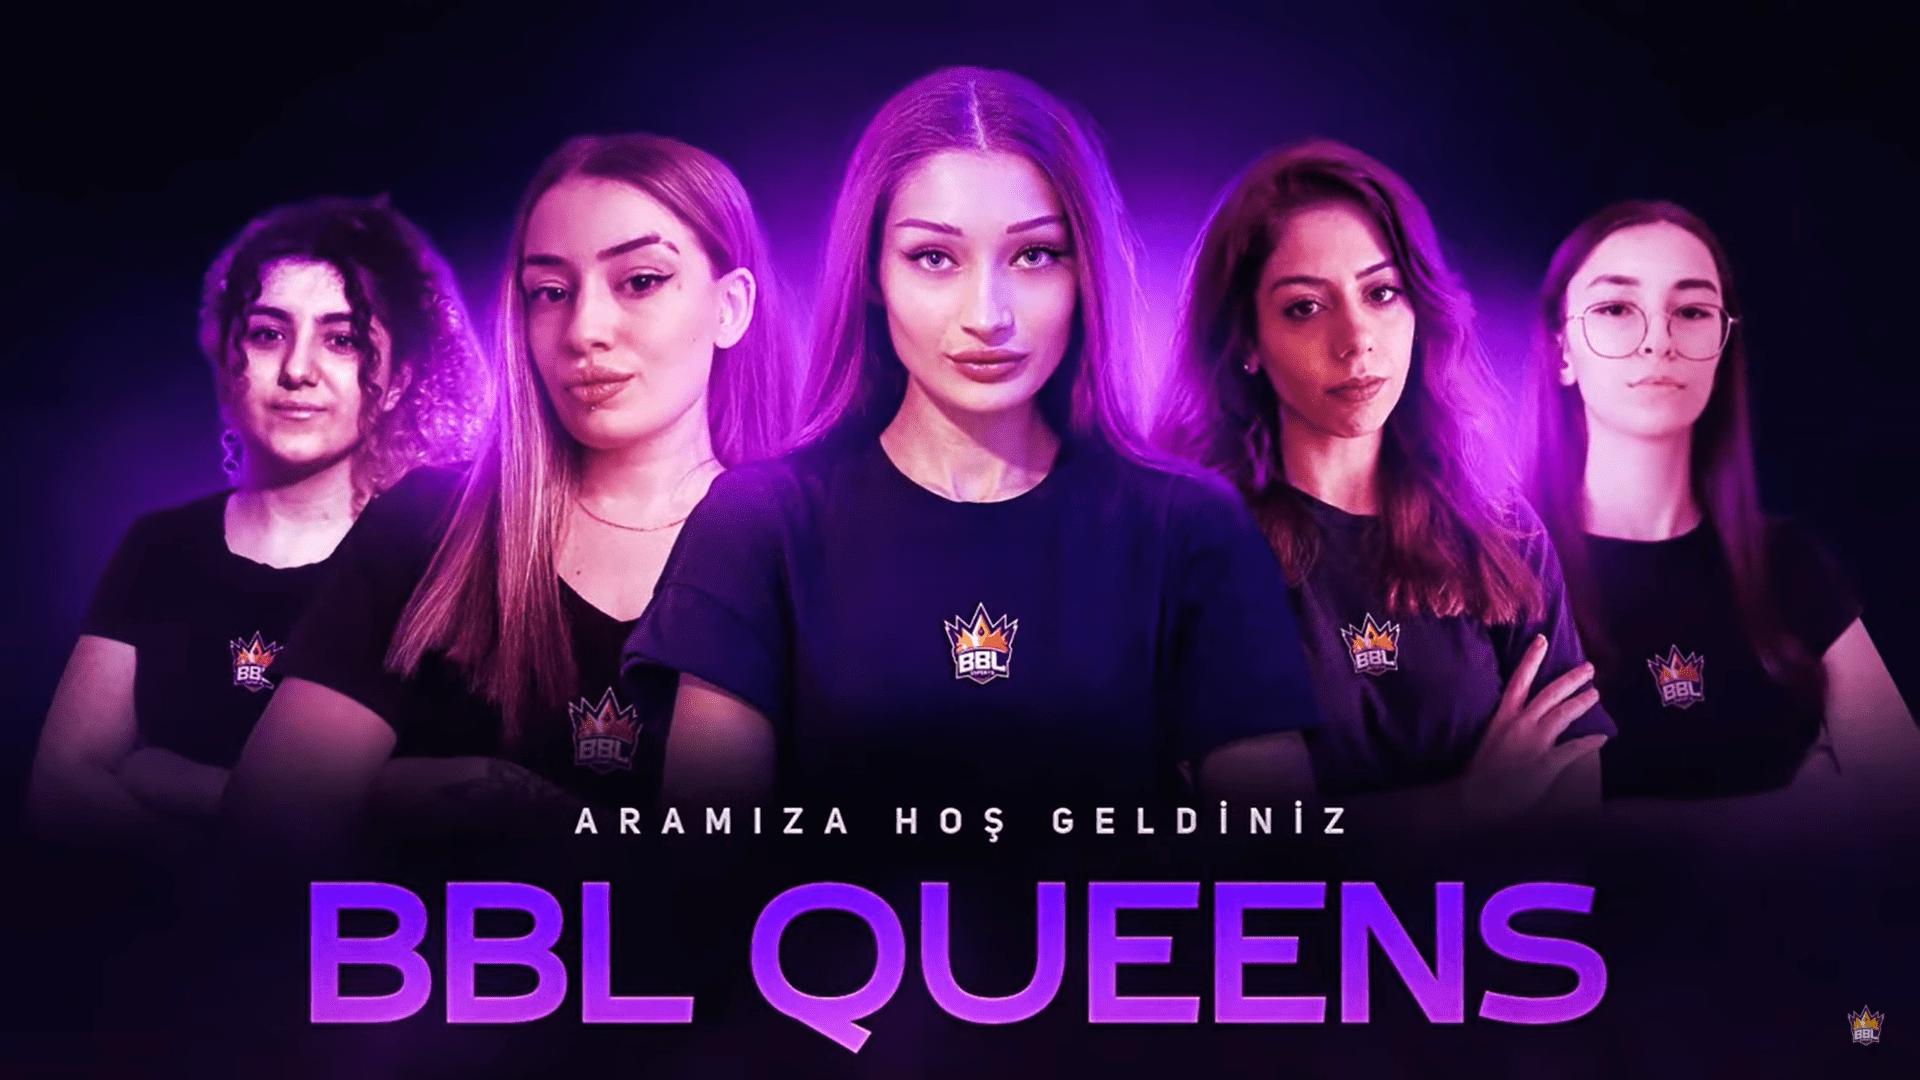 bbl queens min